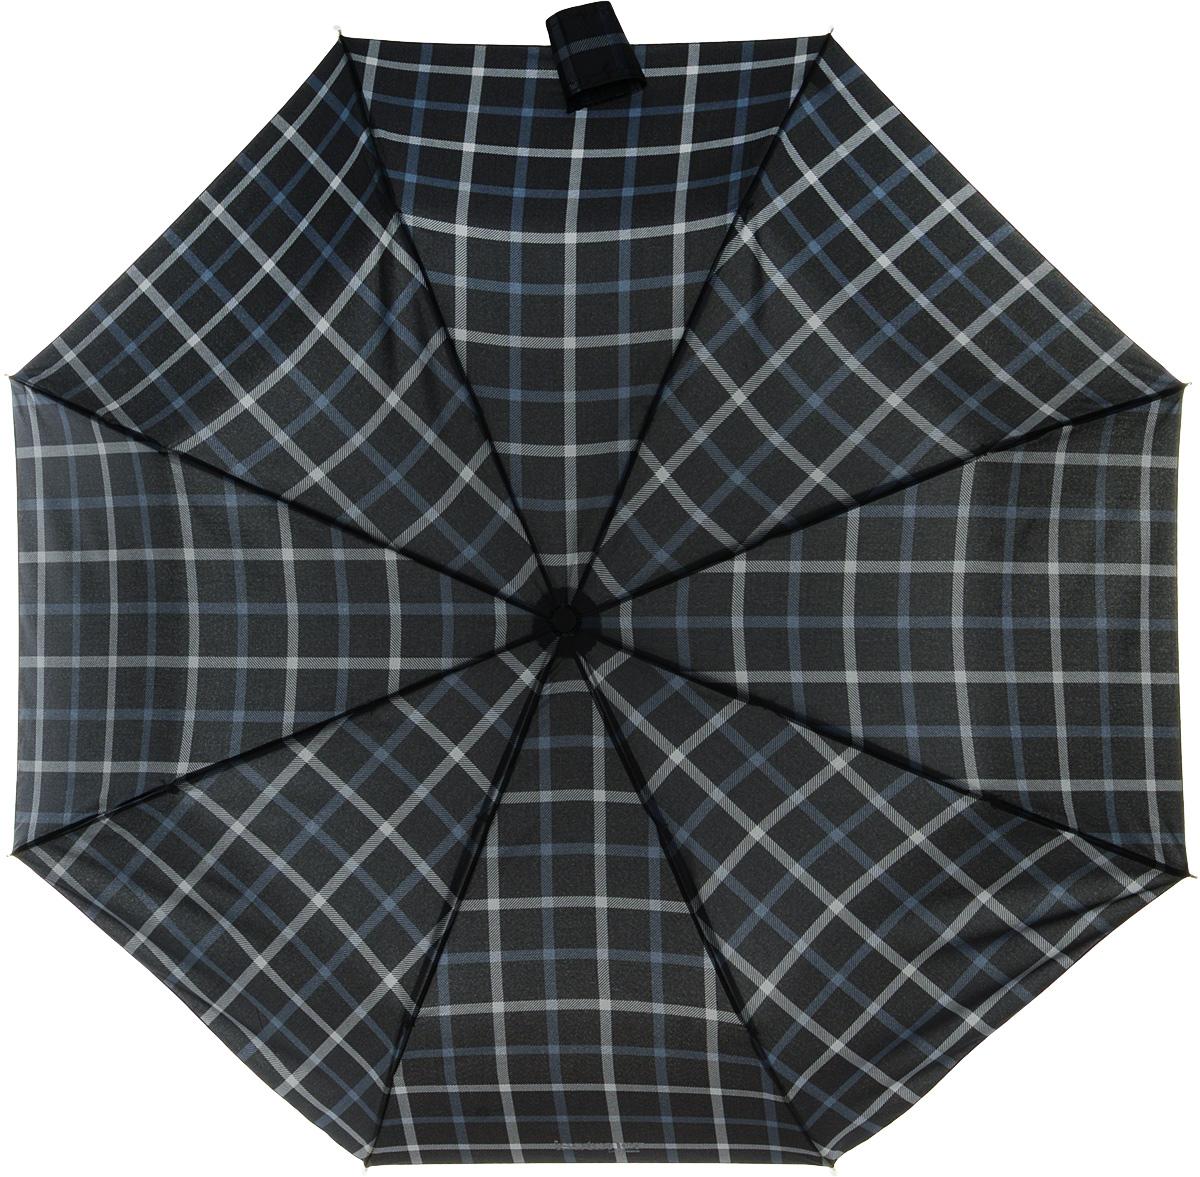 Зонт мужской Isotoner, автомат, 3 сложения, цвет: черный, серый. 09407-3971